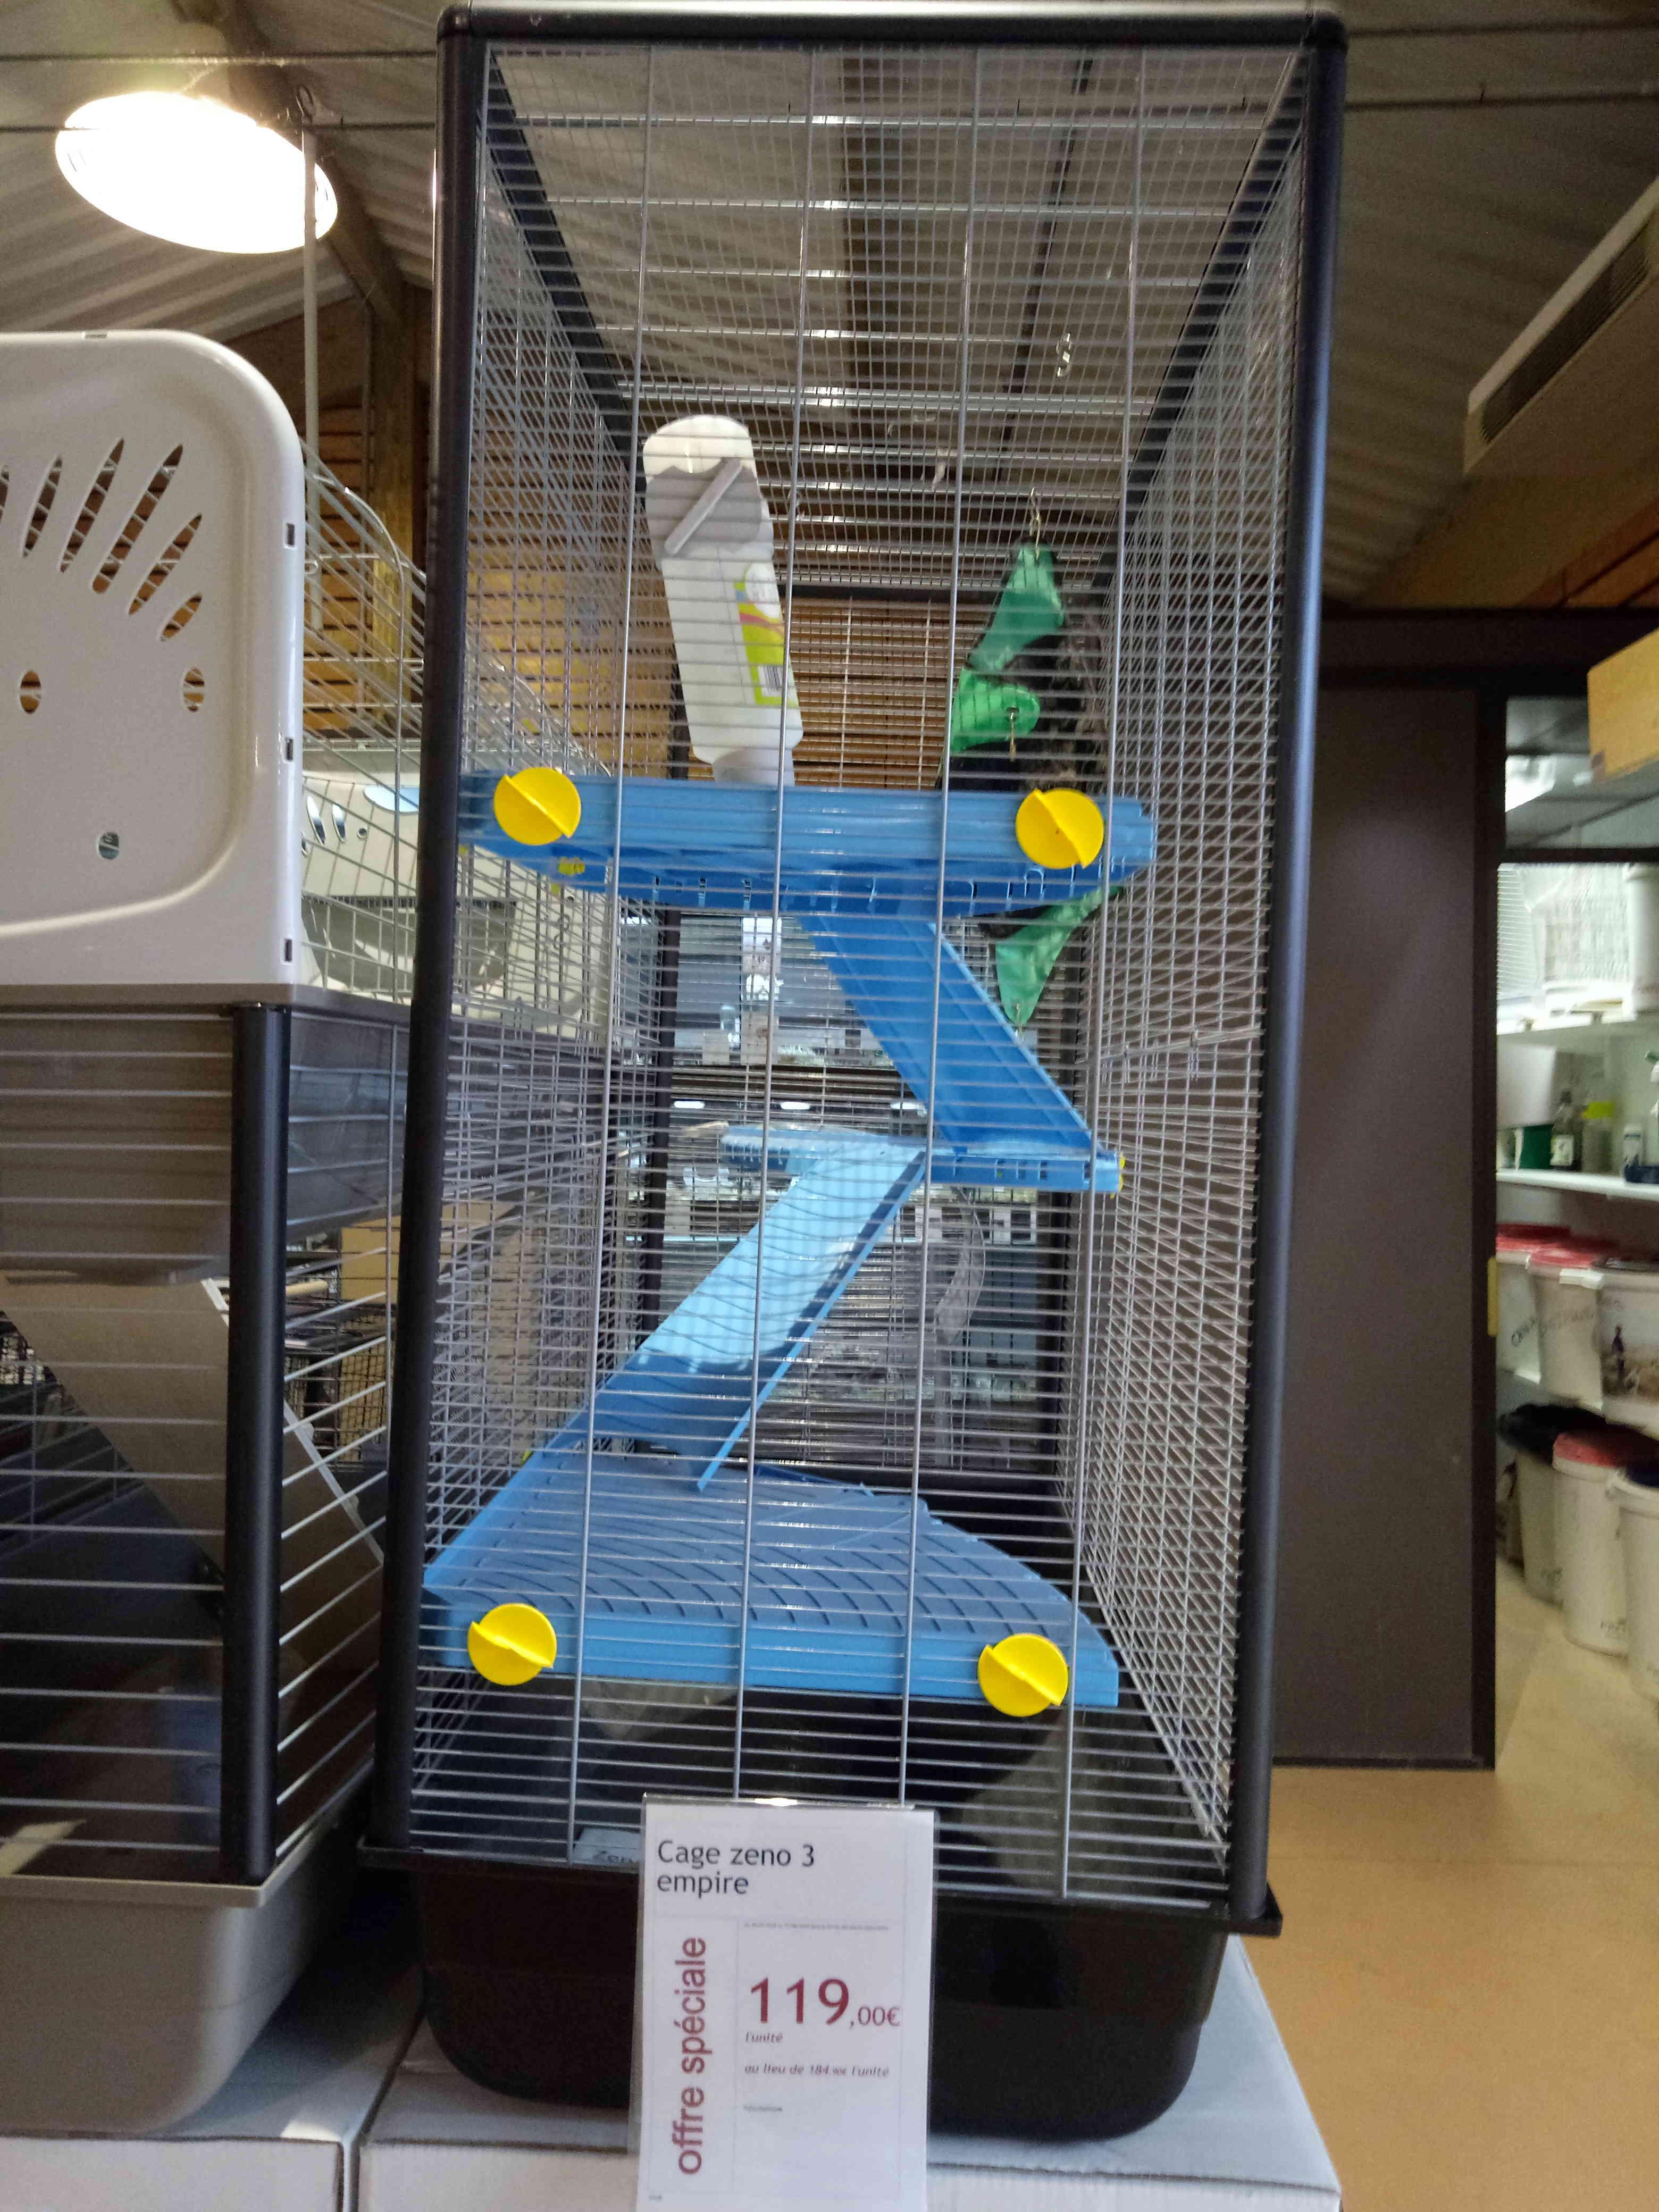 Aménager une cage lapin pour mes rats Ou Choix de cage  - Page 2 Img_2012